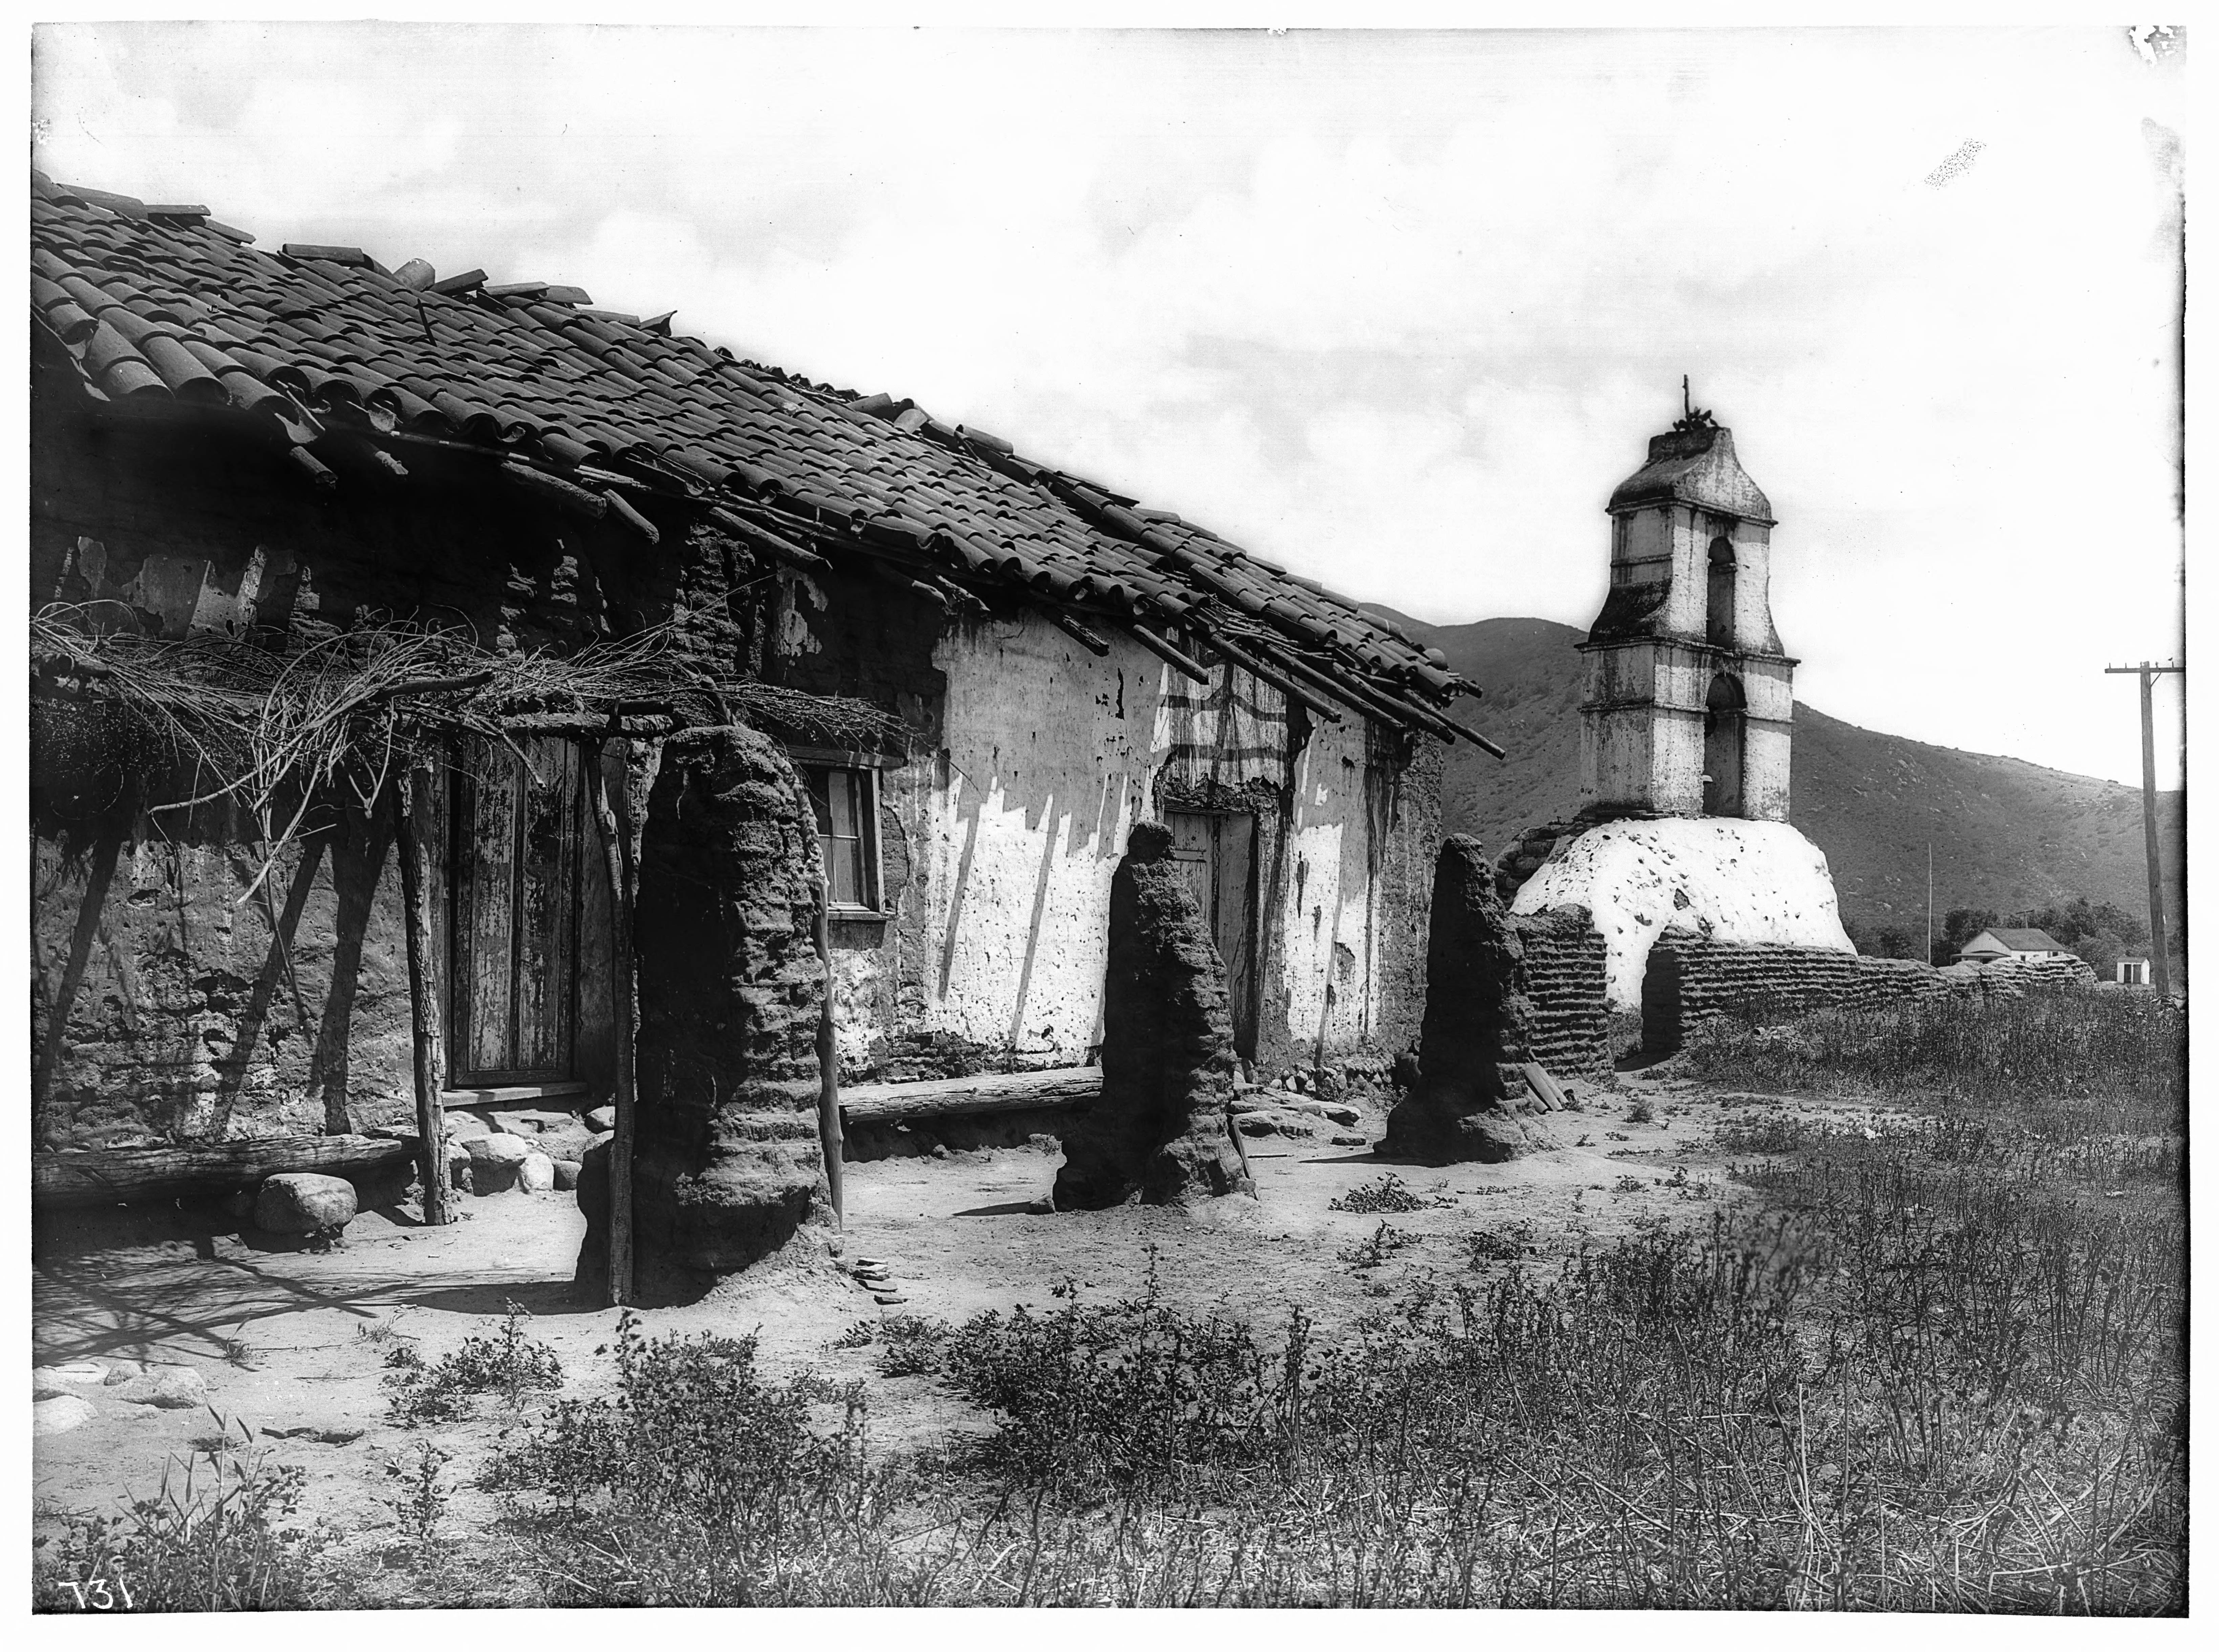 San Antonio De Pala Asistencia Wiki Everipedia